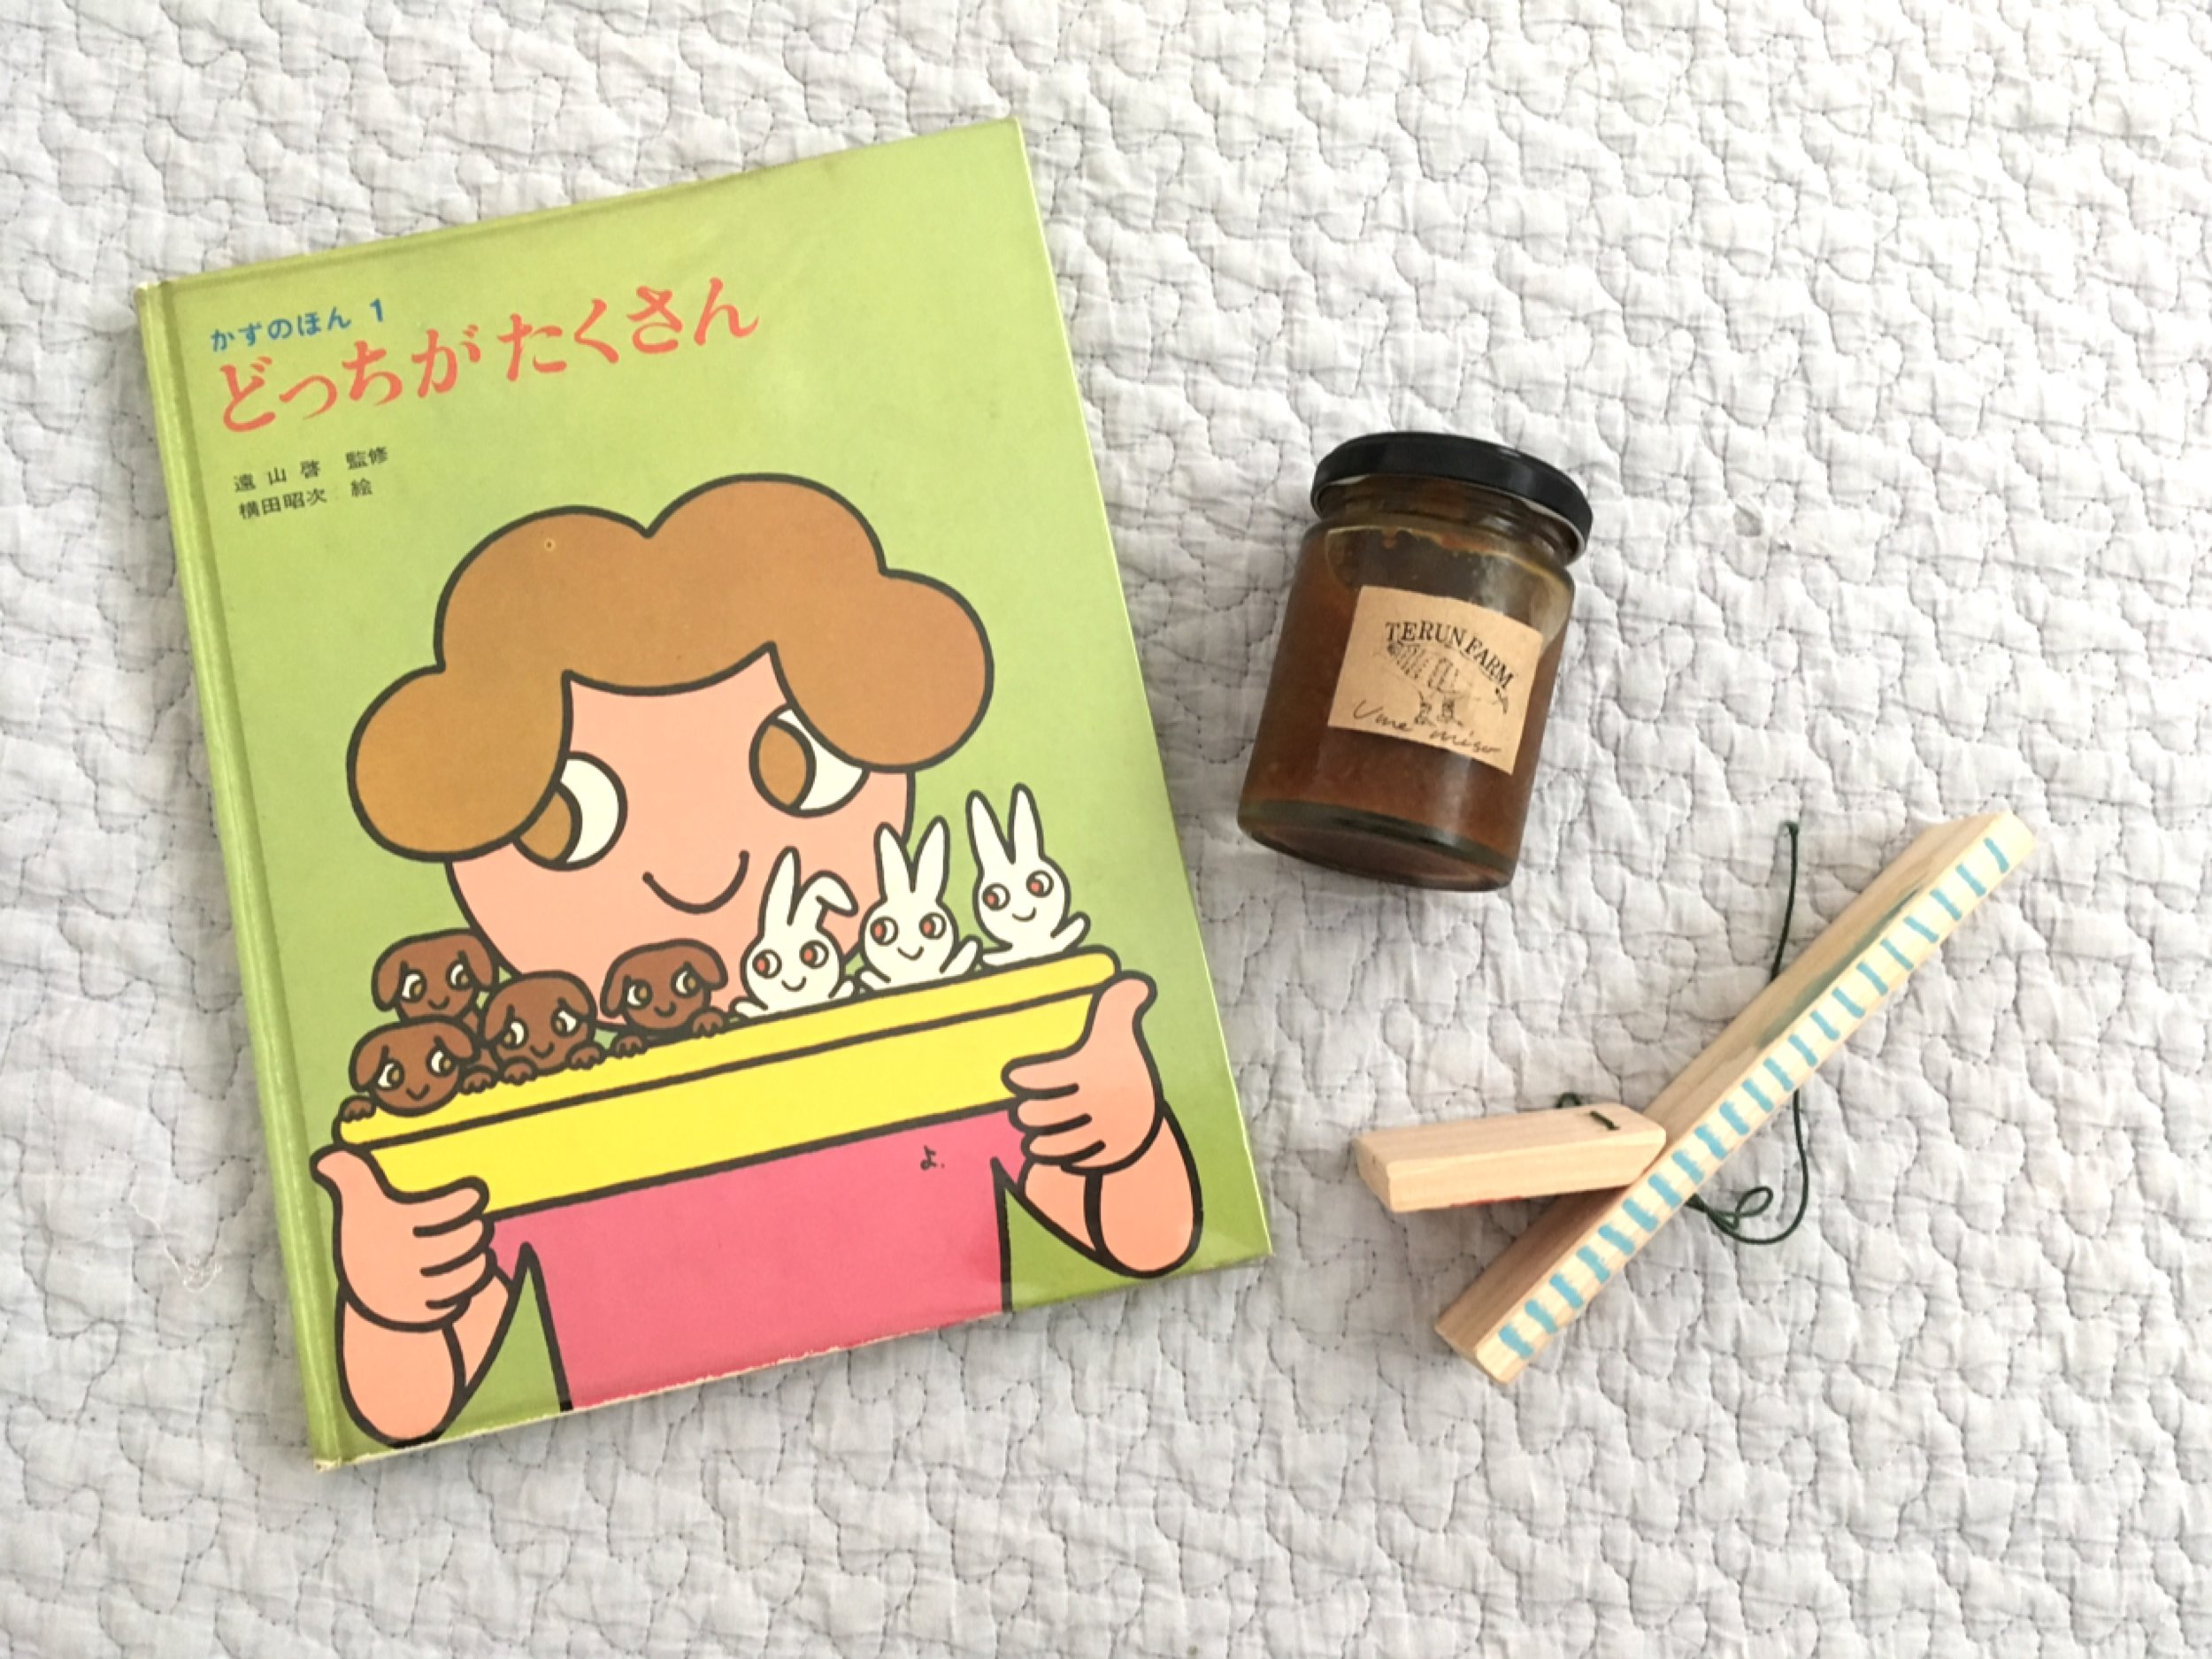 持ち帰ったものの一部。「古本泡山」さんの絵本、「てるんfarm」さんのびんもの。そして息子の作りかけのカタカタ。